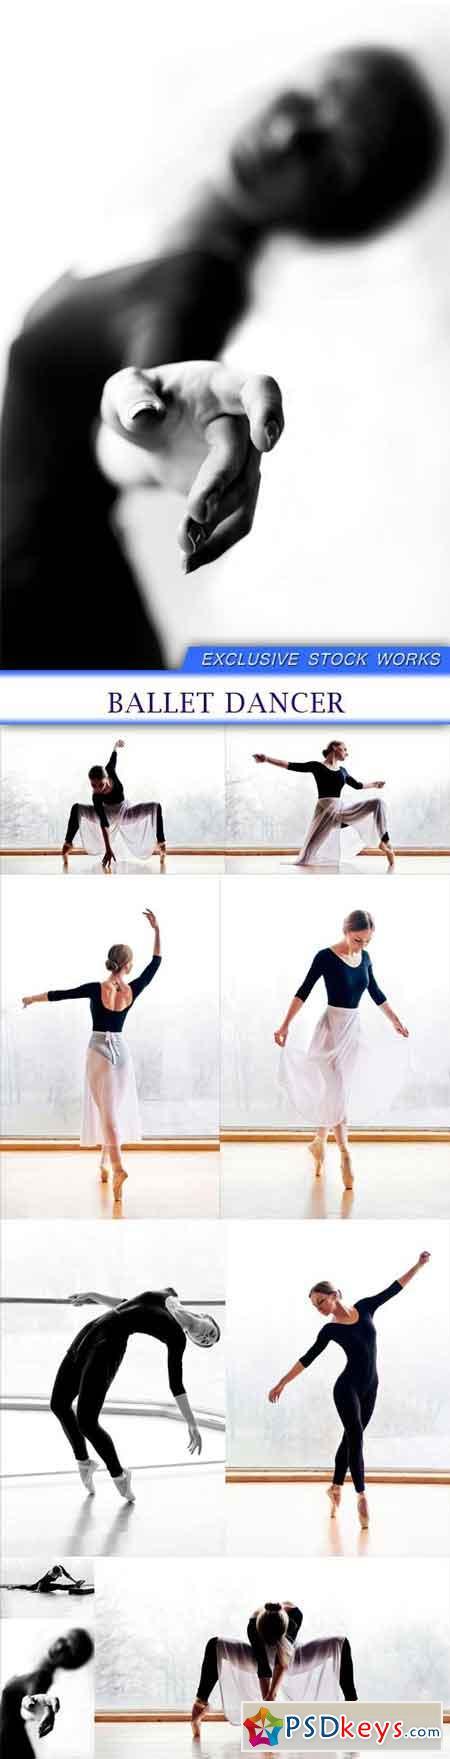 Ballet Dancer 9X JPEG